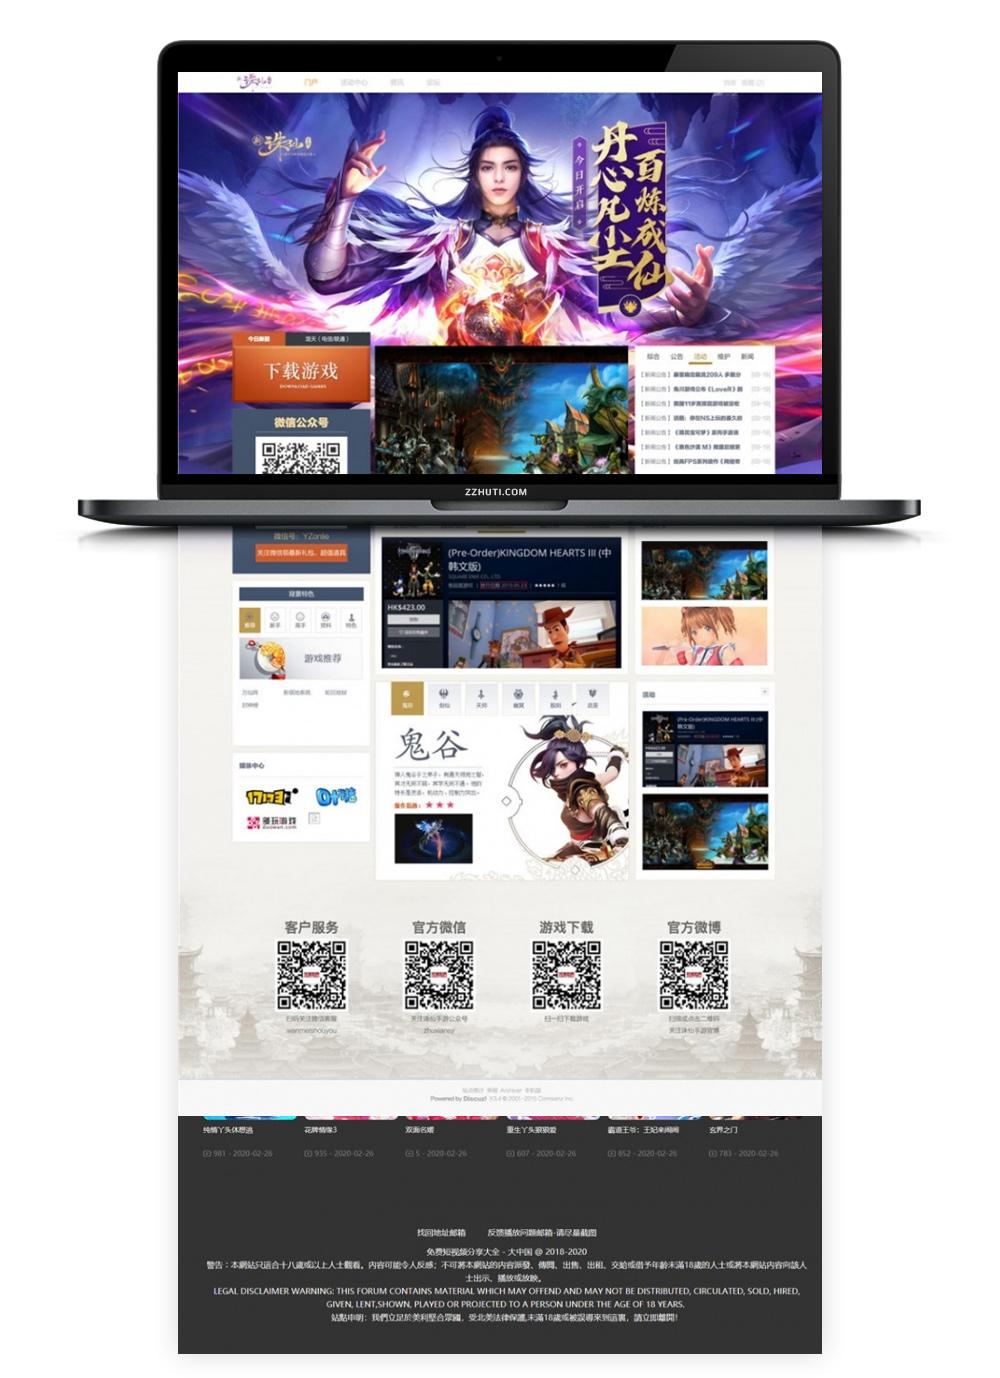 【通用游戏官网模板】discuz远征游戏通用弄传奇超漂亮UI设计网站模版-找主题源码